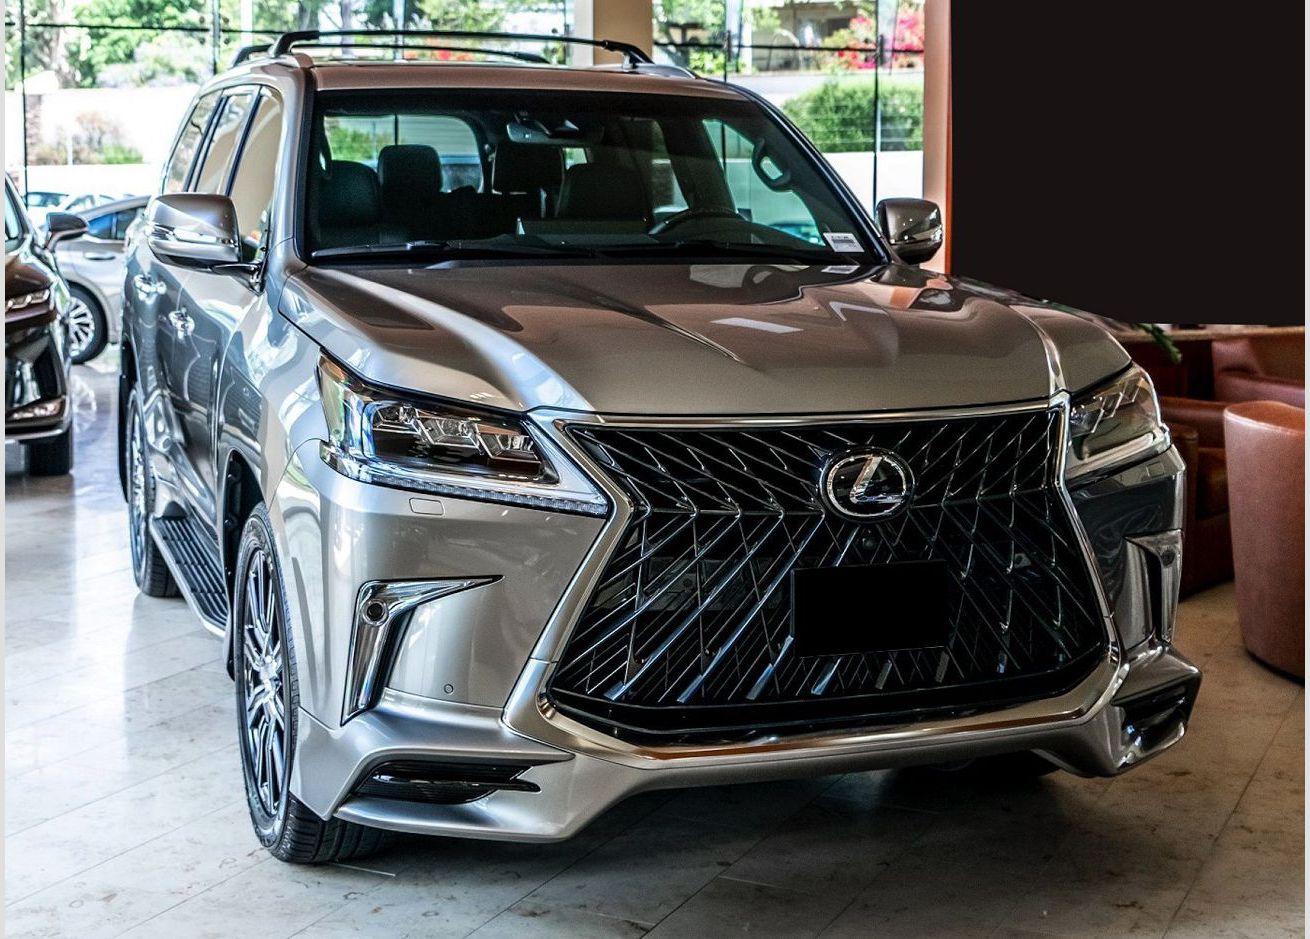 2022 Lexus Lx 570 Kuro Limited Edition Specs Precio Remove